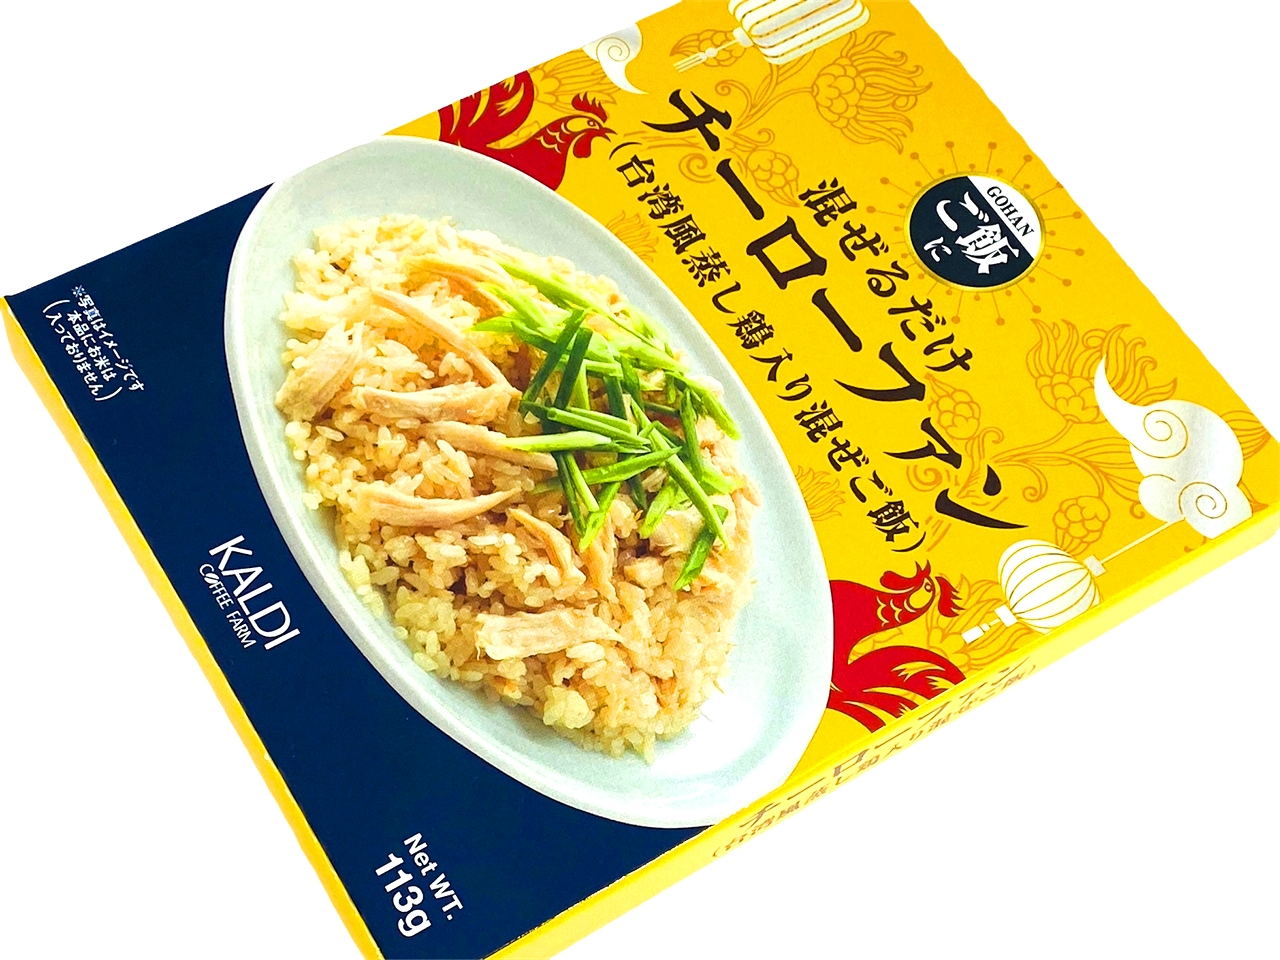 混ぜるだけチーローファン(鶏肉飯) 2合用 298円